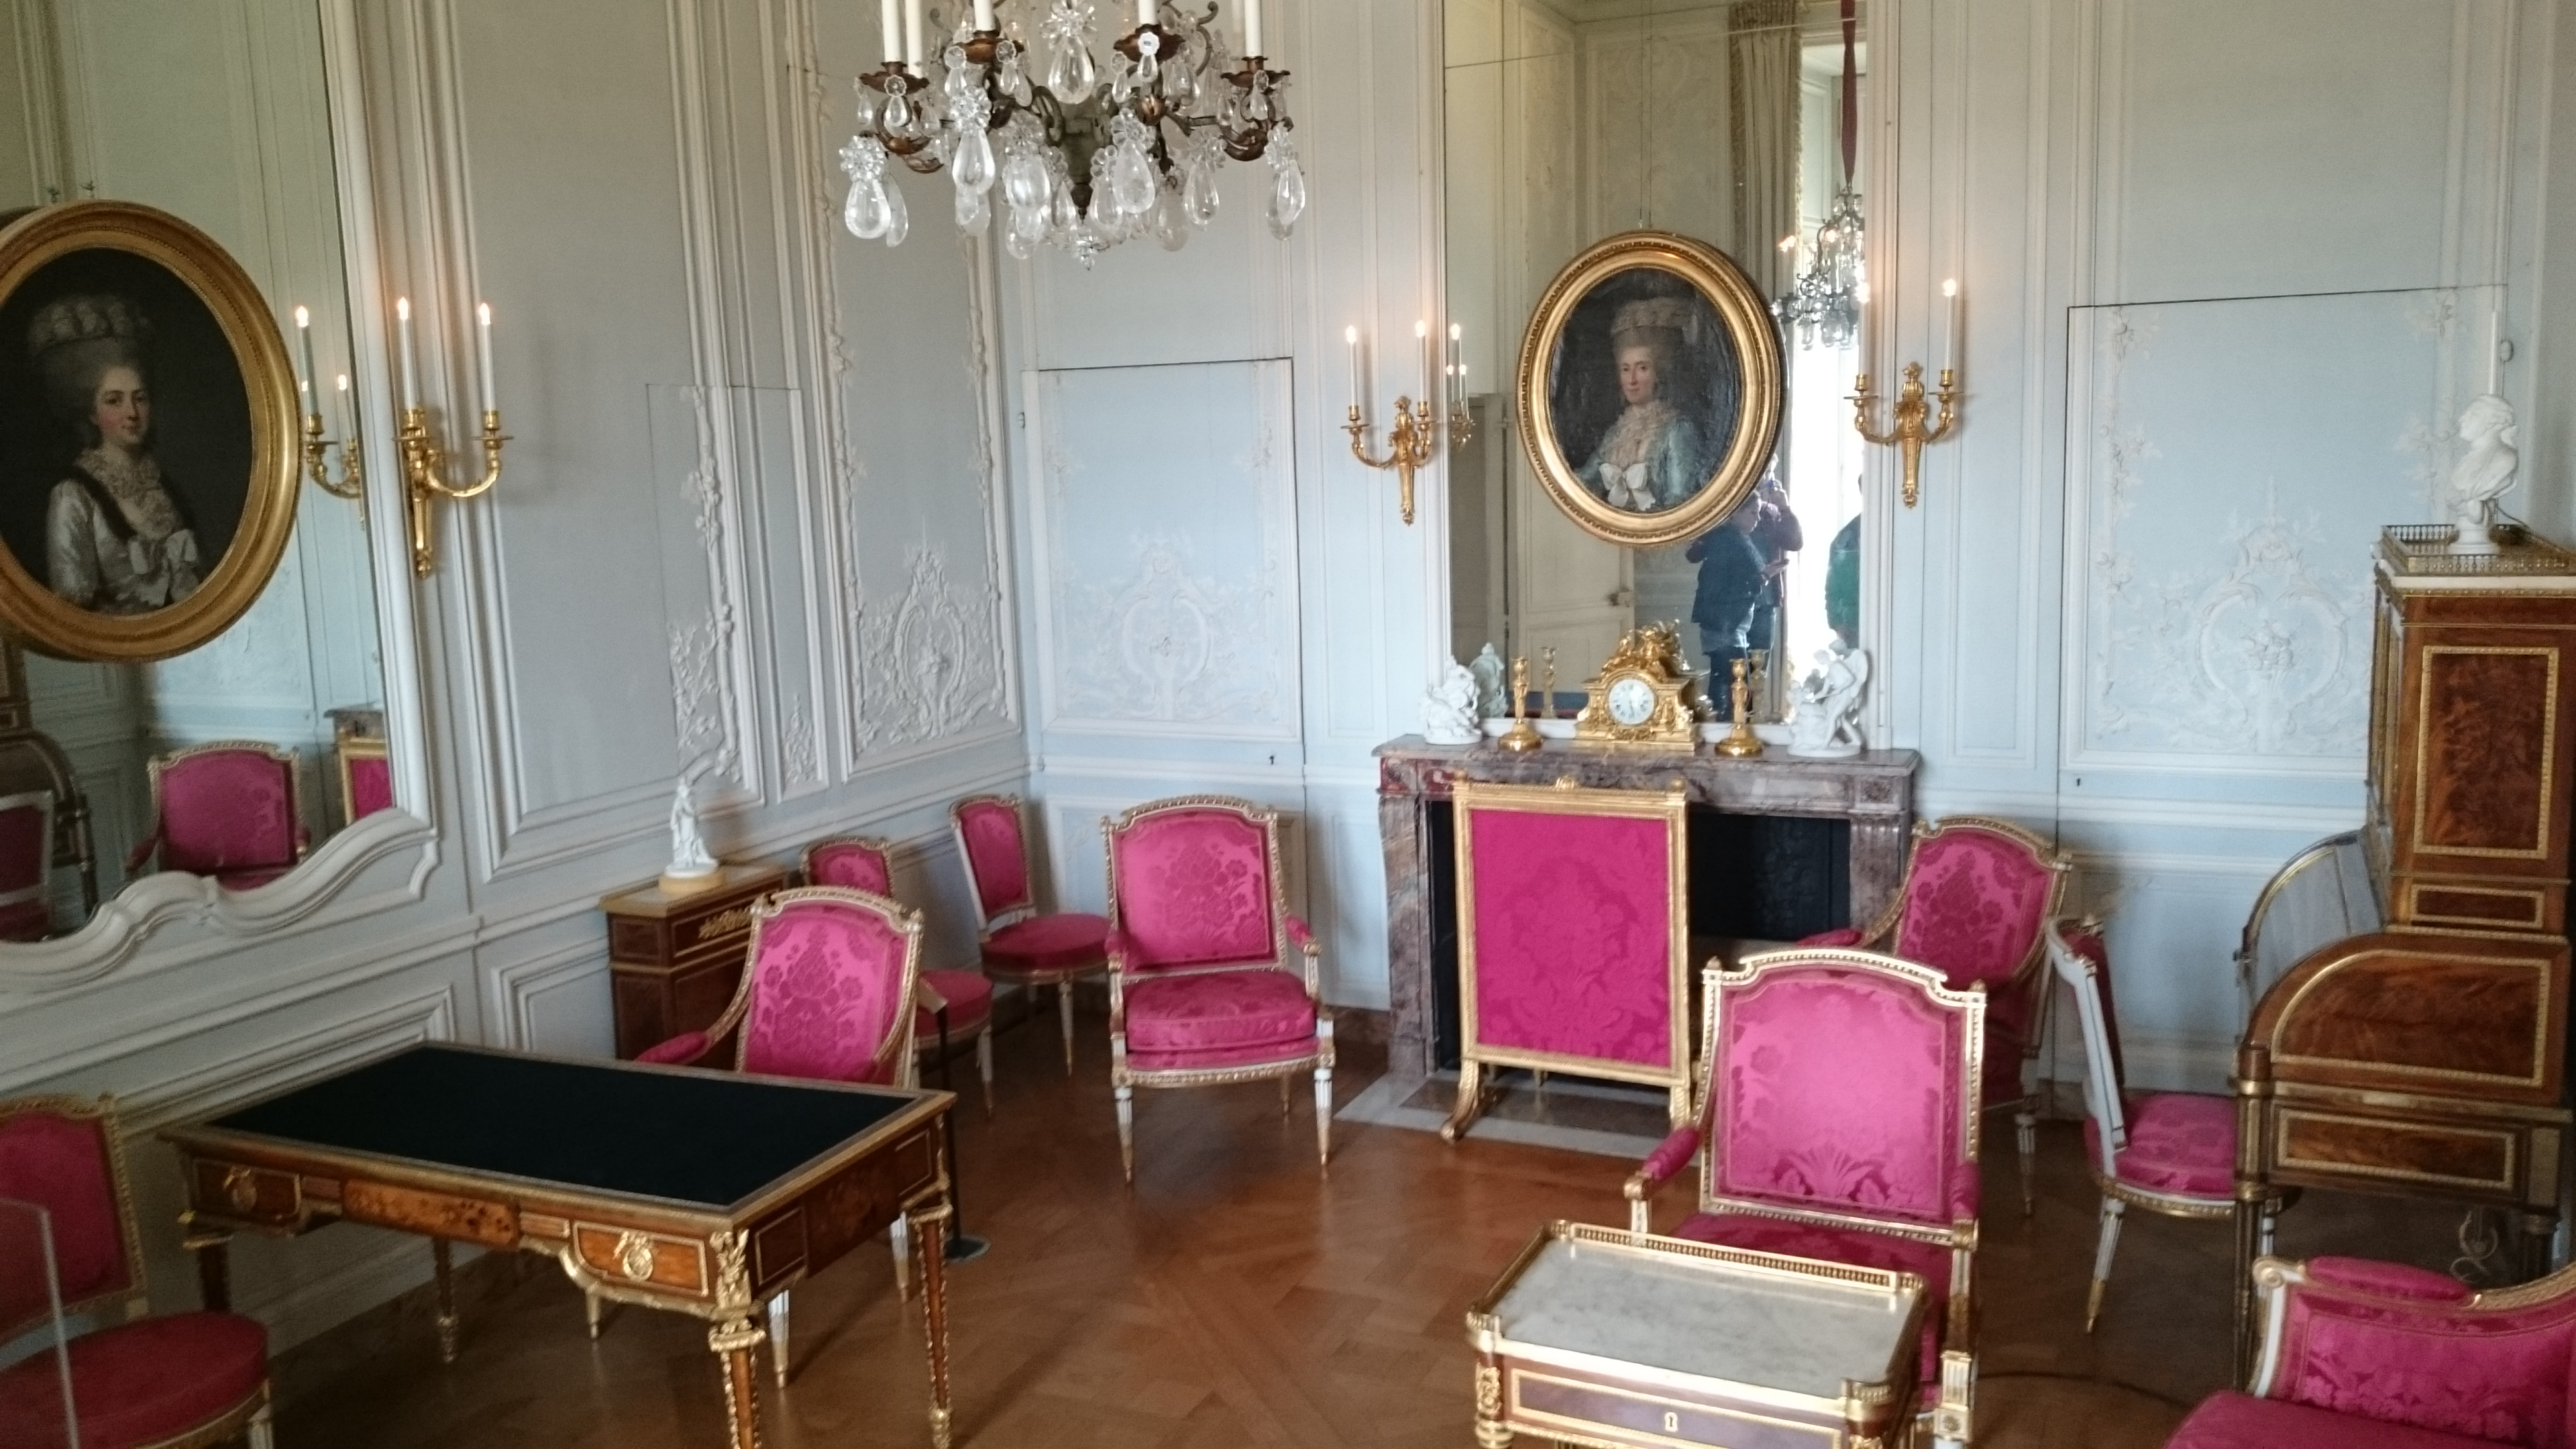 dsc 14221 - Visita al Palacio de Versalles: Como ir, cuanto cuesta y tips III/III